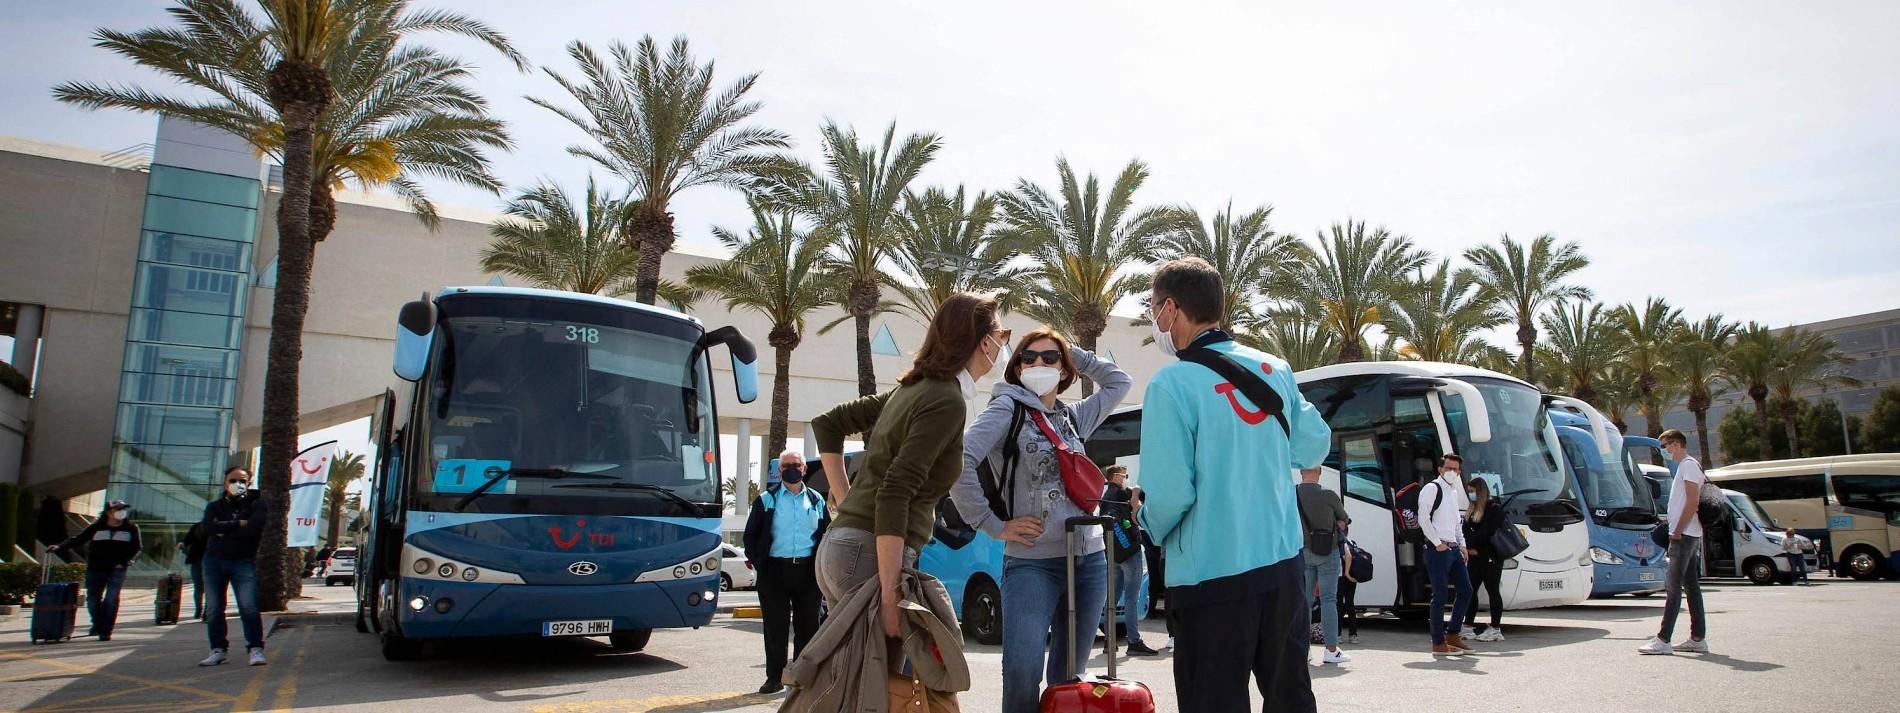 Corona-Zahlen auf Mallorca zu Beginn der Osterferien niedrig